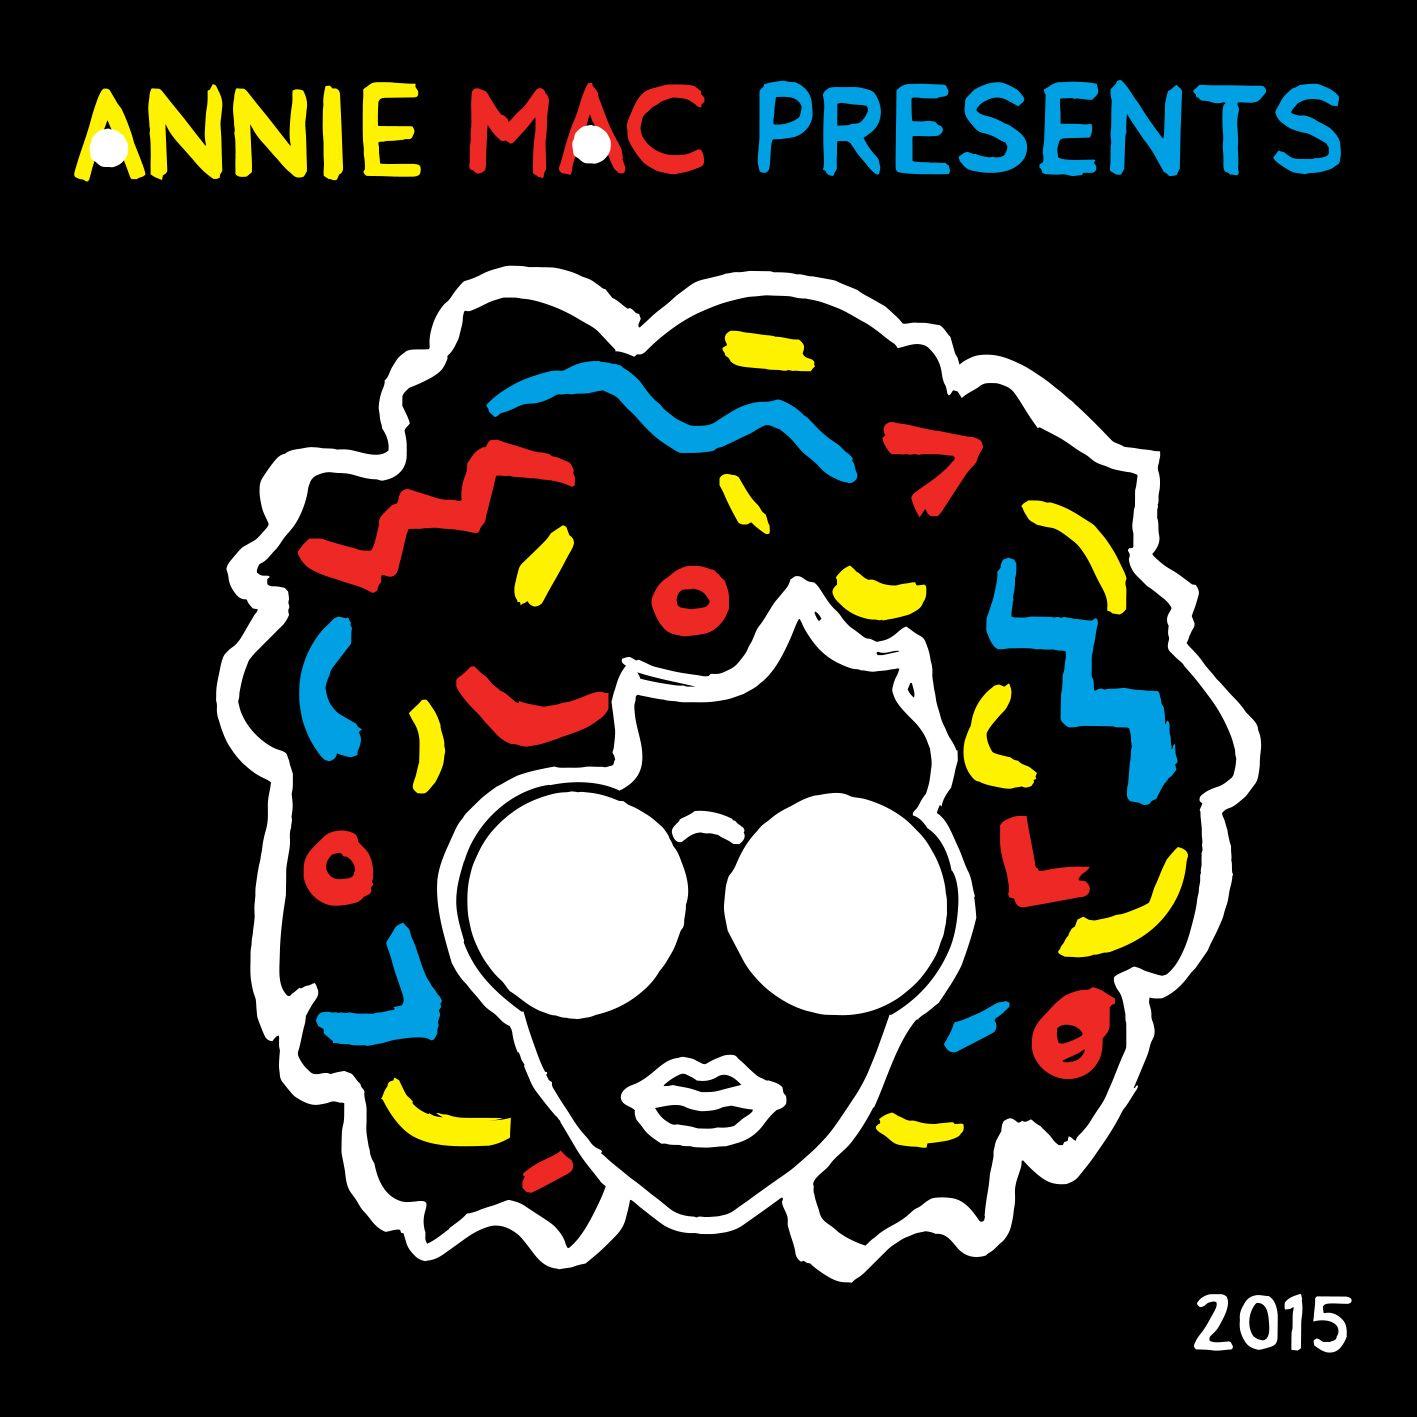 amp-compilation2015-final-packshot-rgb.jpg